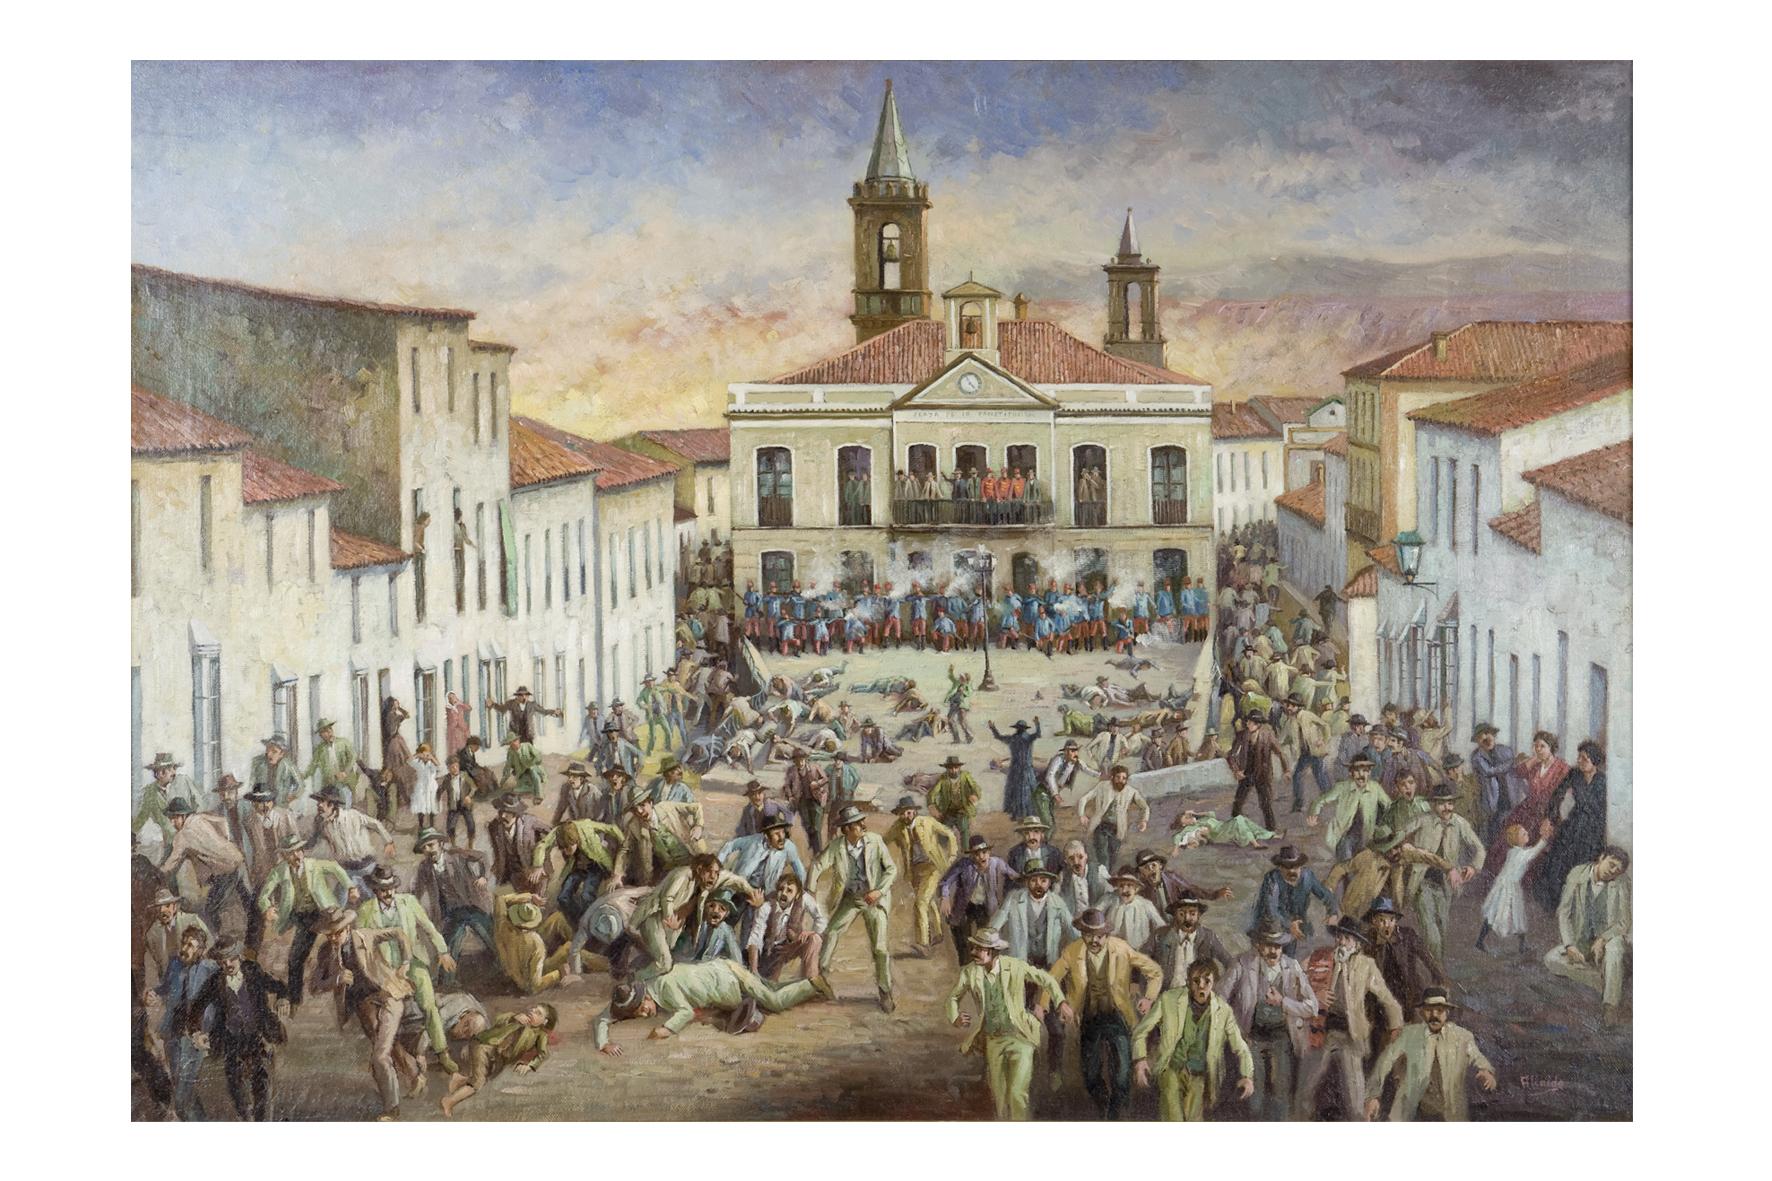 La muestra permanecerá en el Museo Vázquez Díaz hasta el dos de septiembre.